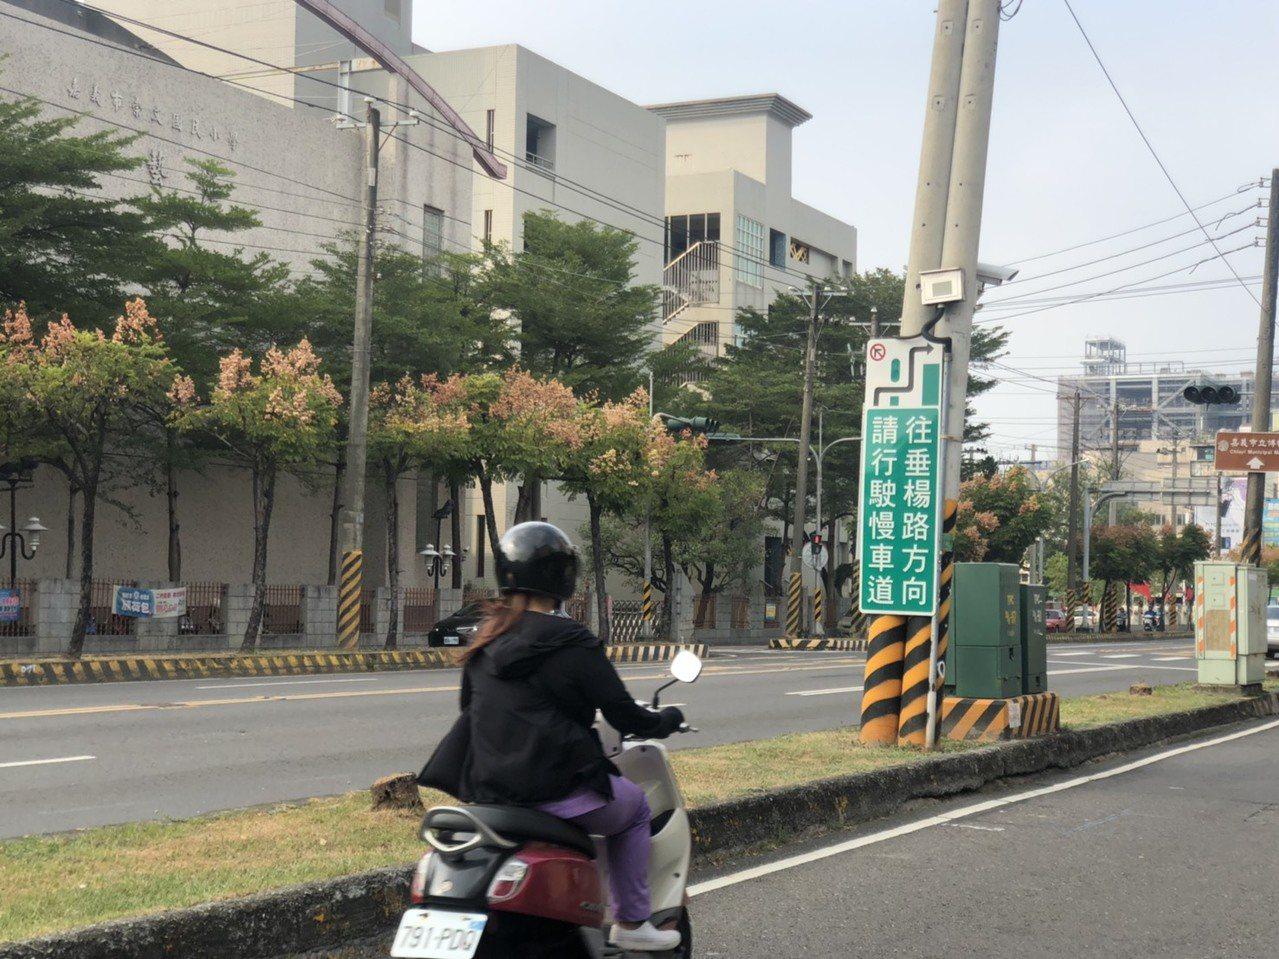 嘉義市議員蔡文旭說,吳鳳南路雙邊都有分隔島,容易產生車禍。記者李承穎/攝影